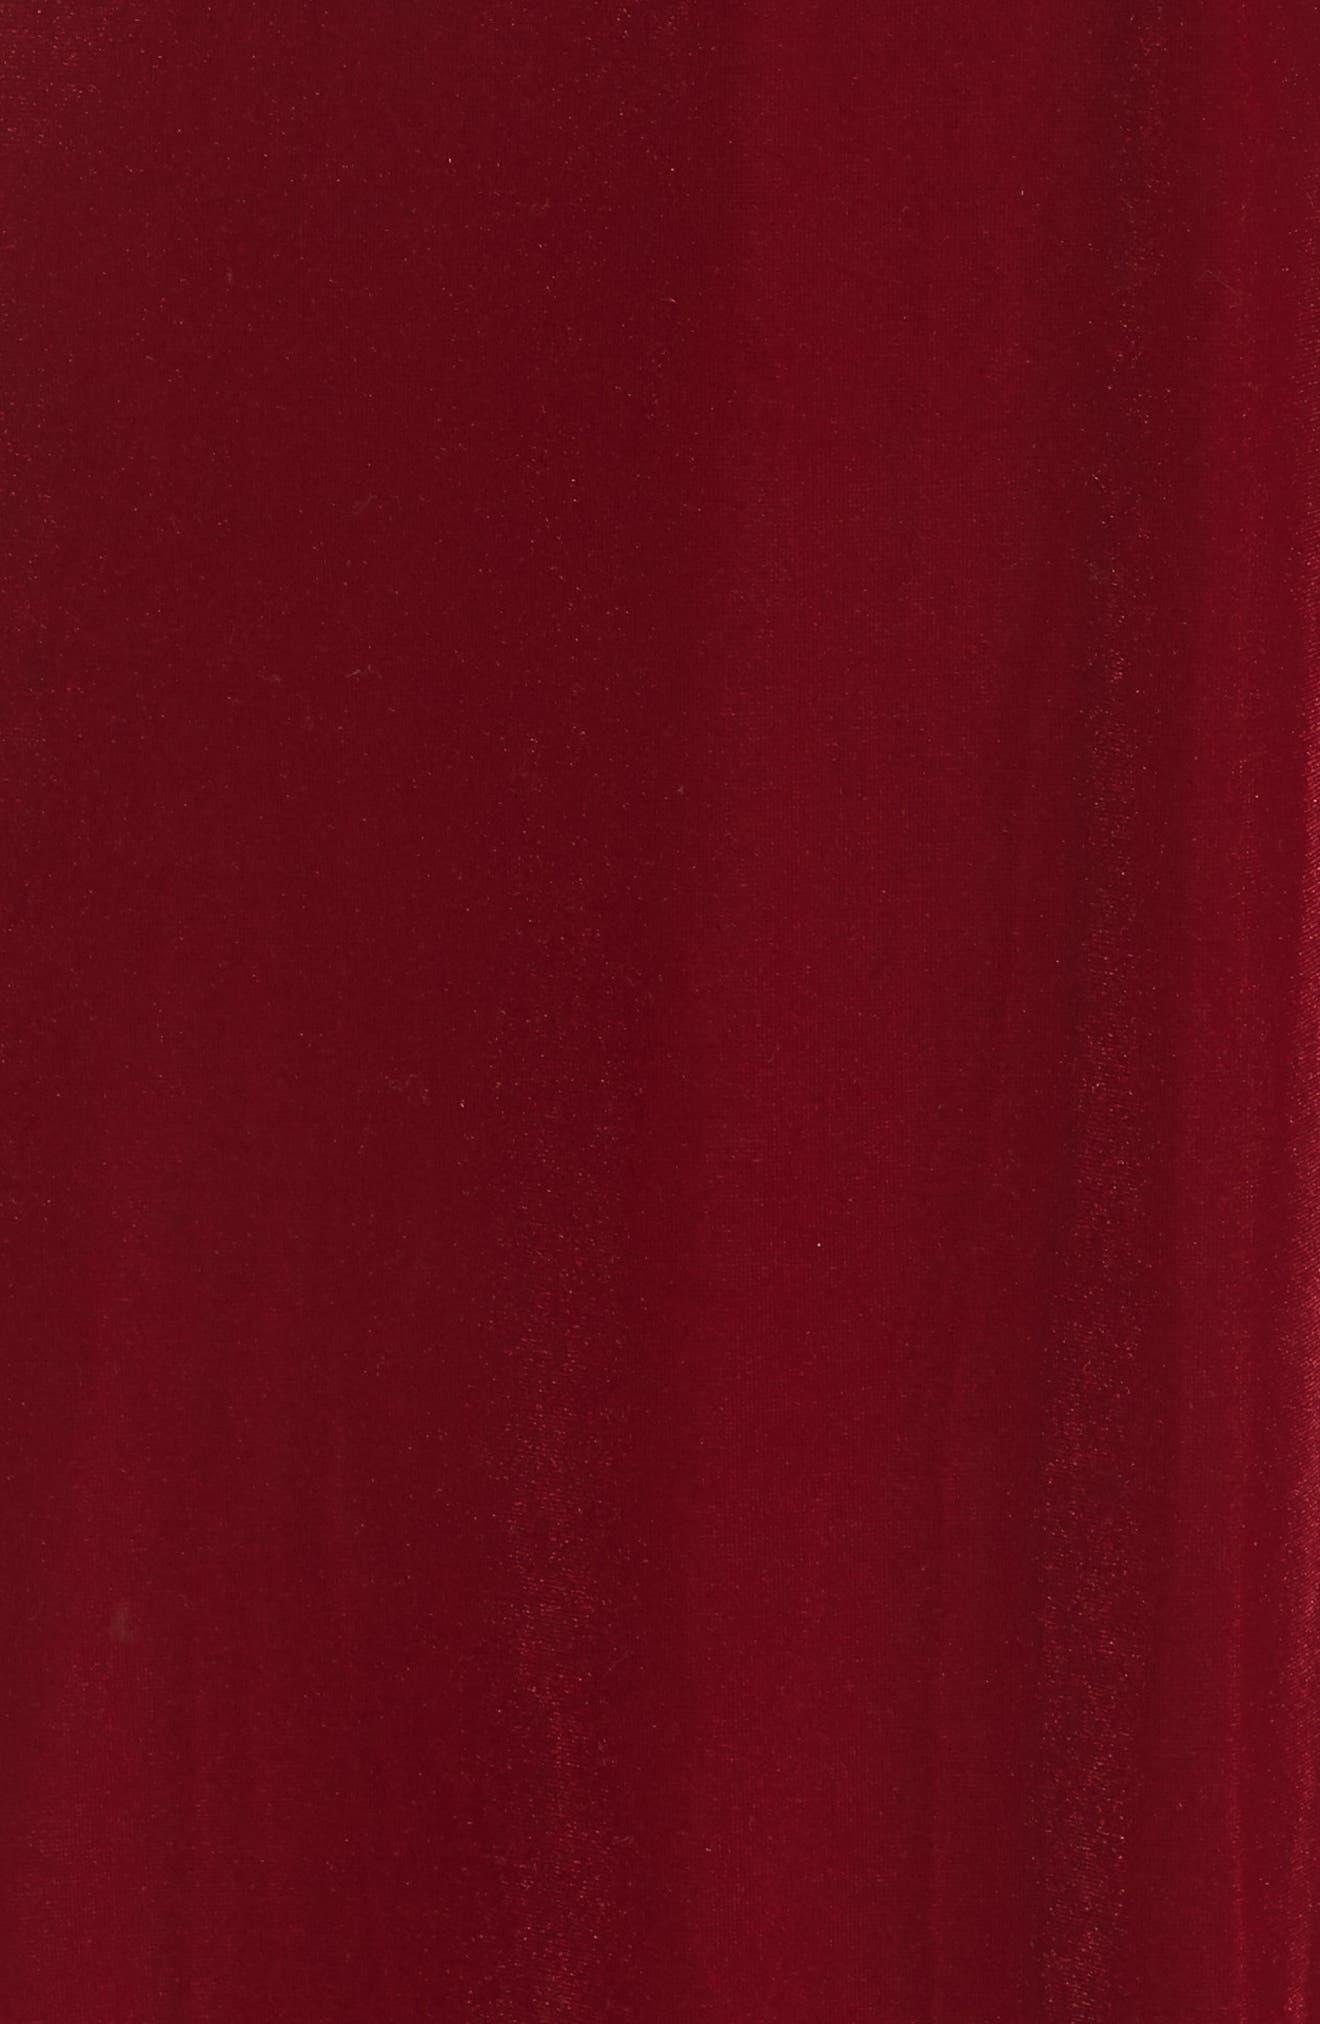 Velvet Midi Dress,                             Alternate thumbnail 6, color,                             RED TIBETAN